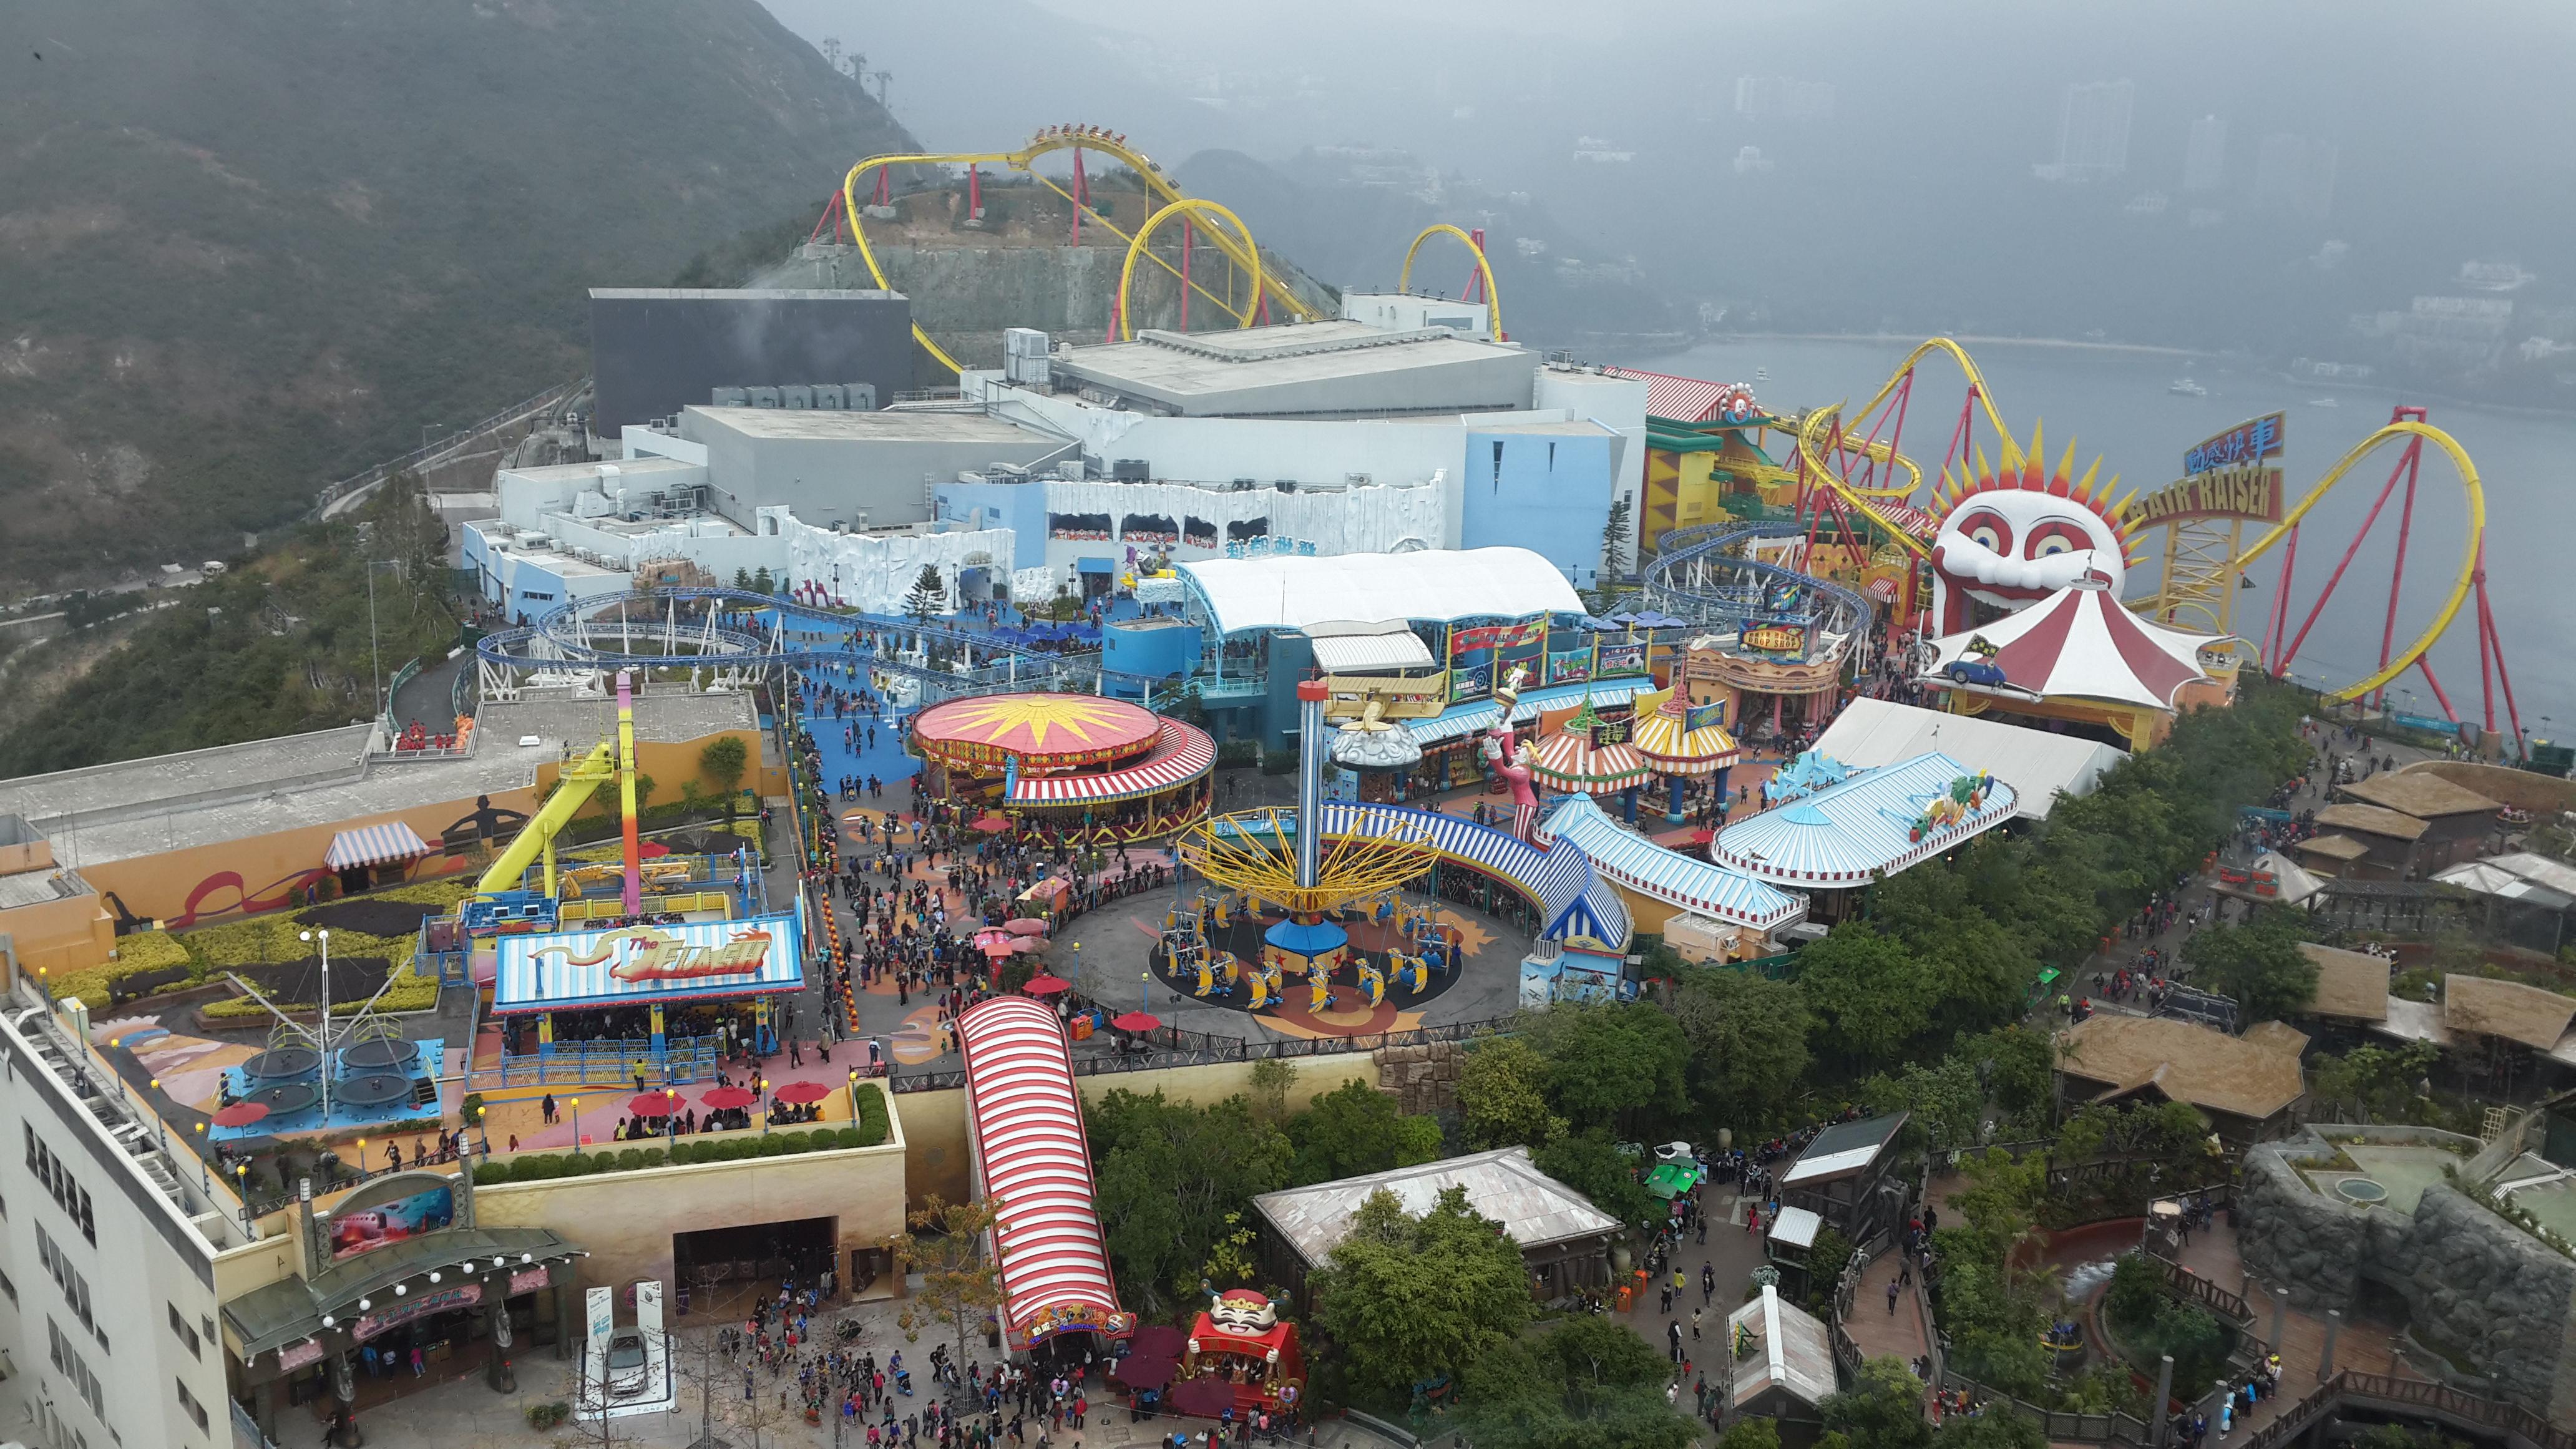 深圳周边游怎么玩,去香港还是澳门比较好玩?